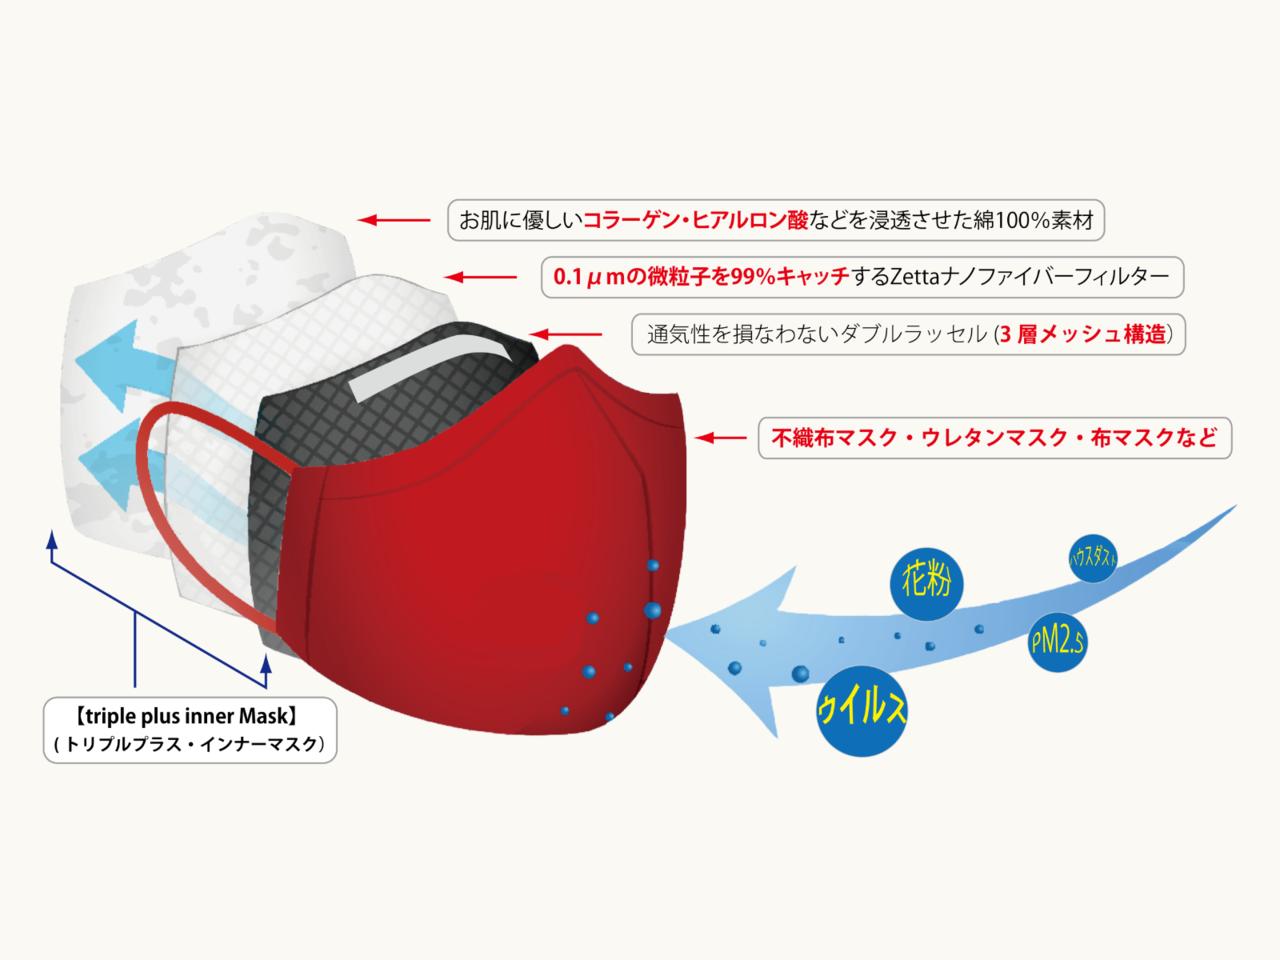 微粒子捕集率99%フィルター内蔵。お肌に優しい超立体・布製インナーマスク誕生。